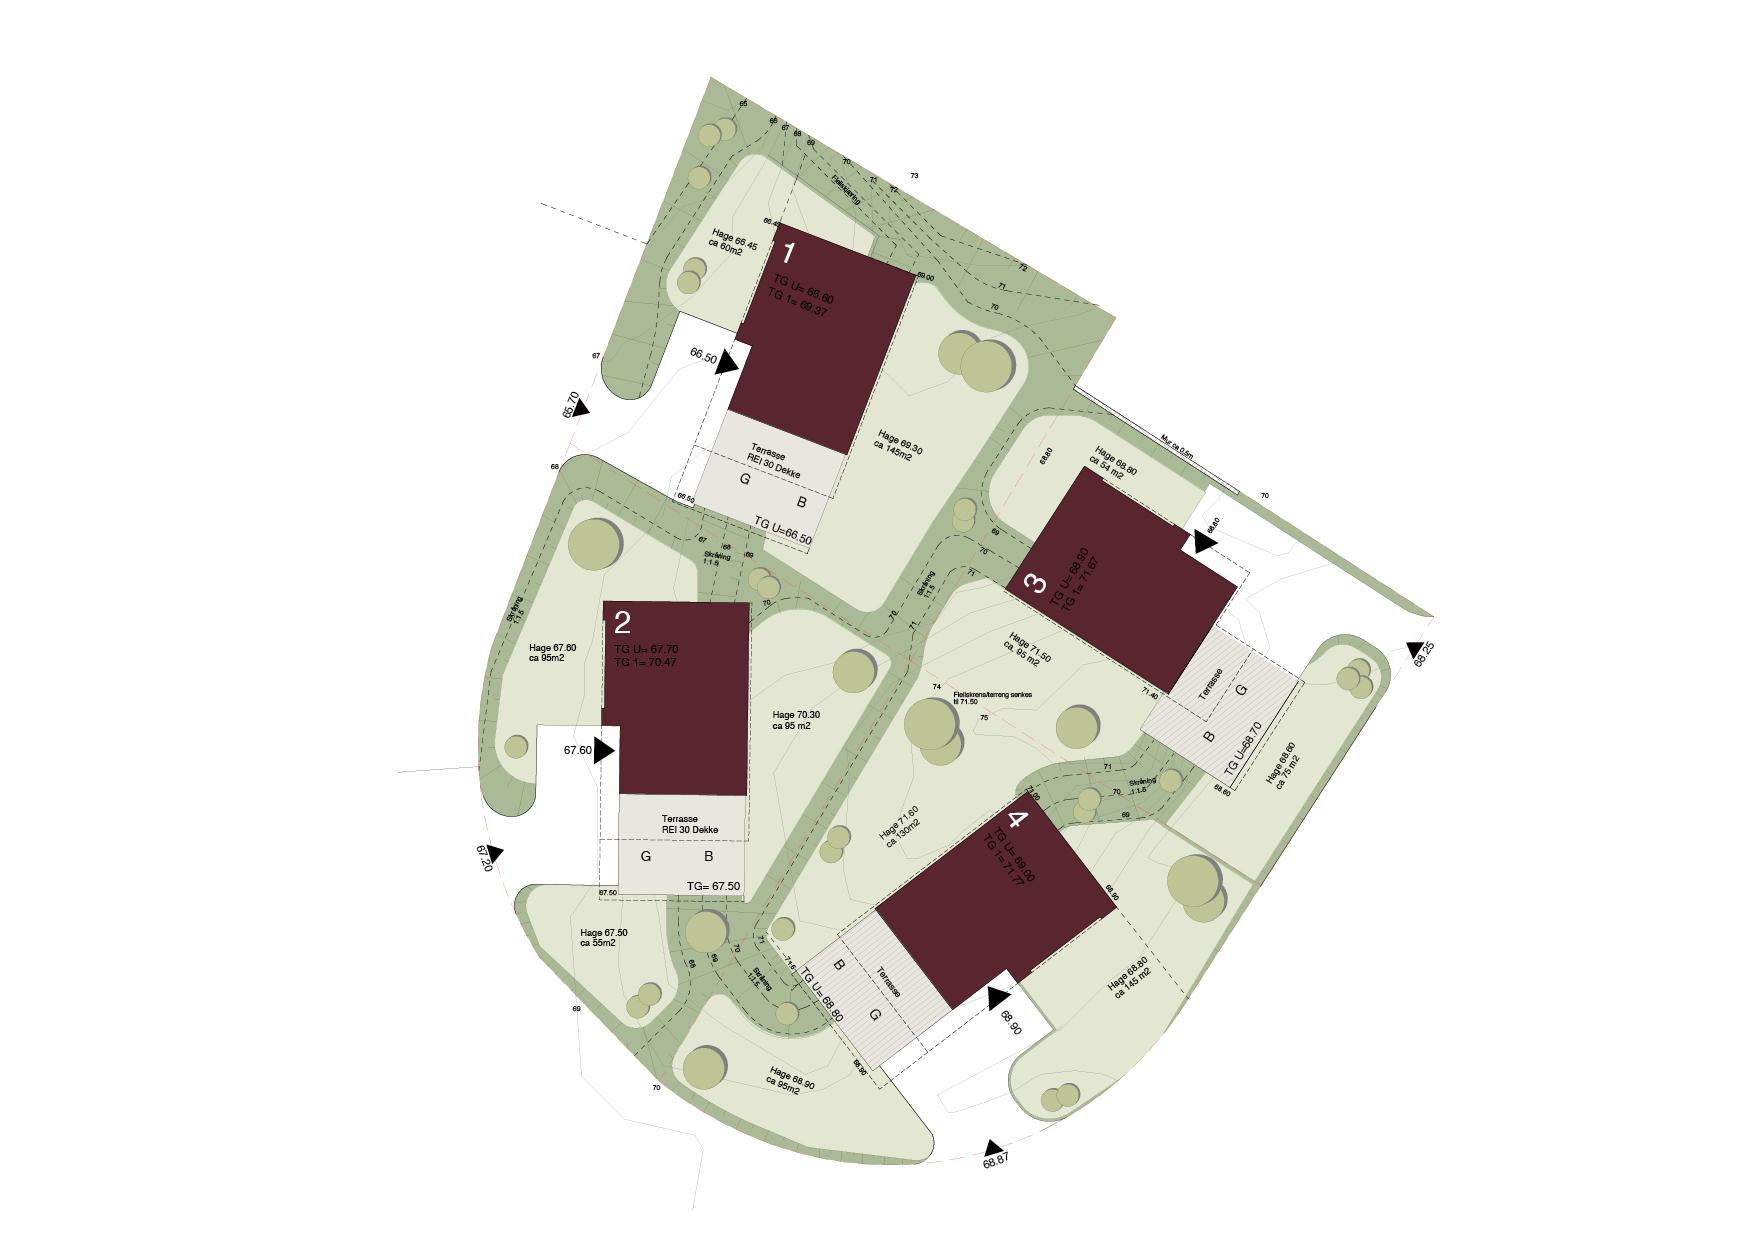 Tomtekart - Her kommer de 4 første boligene